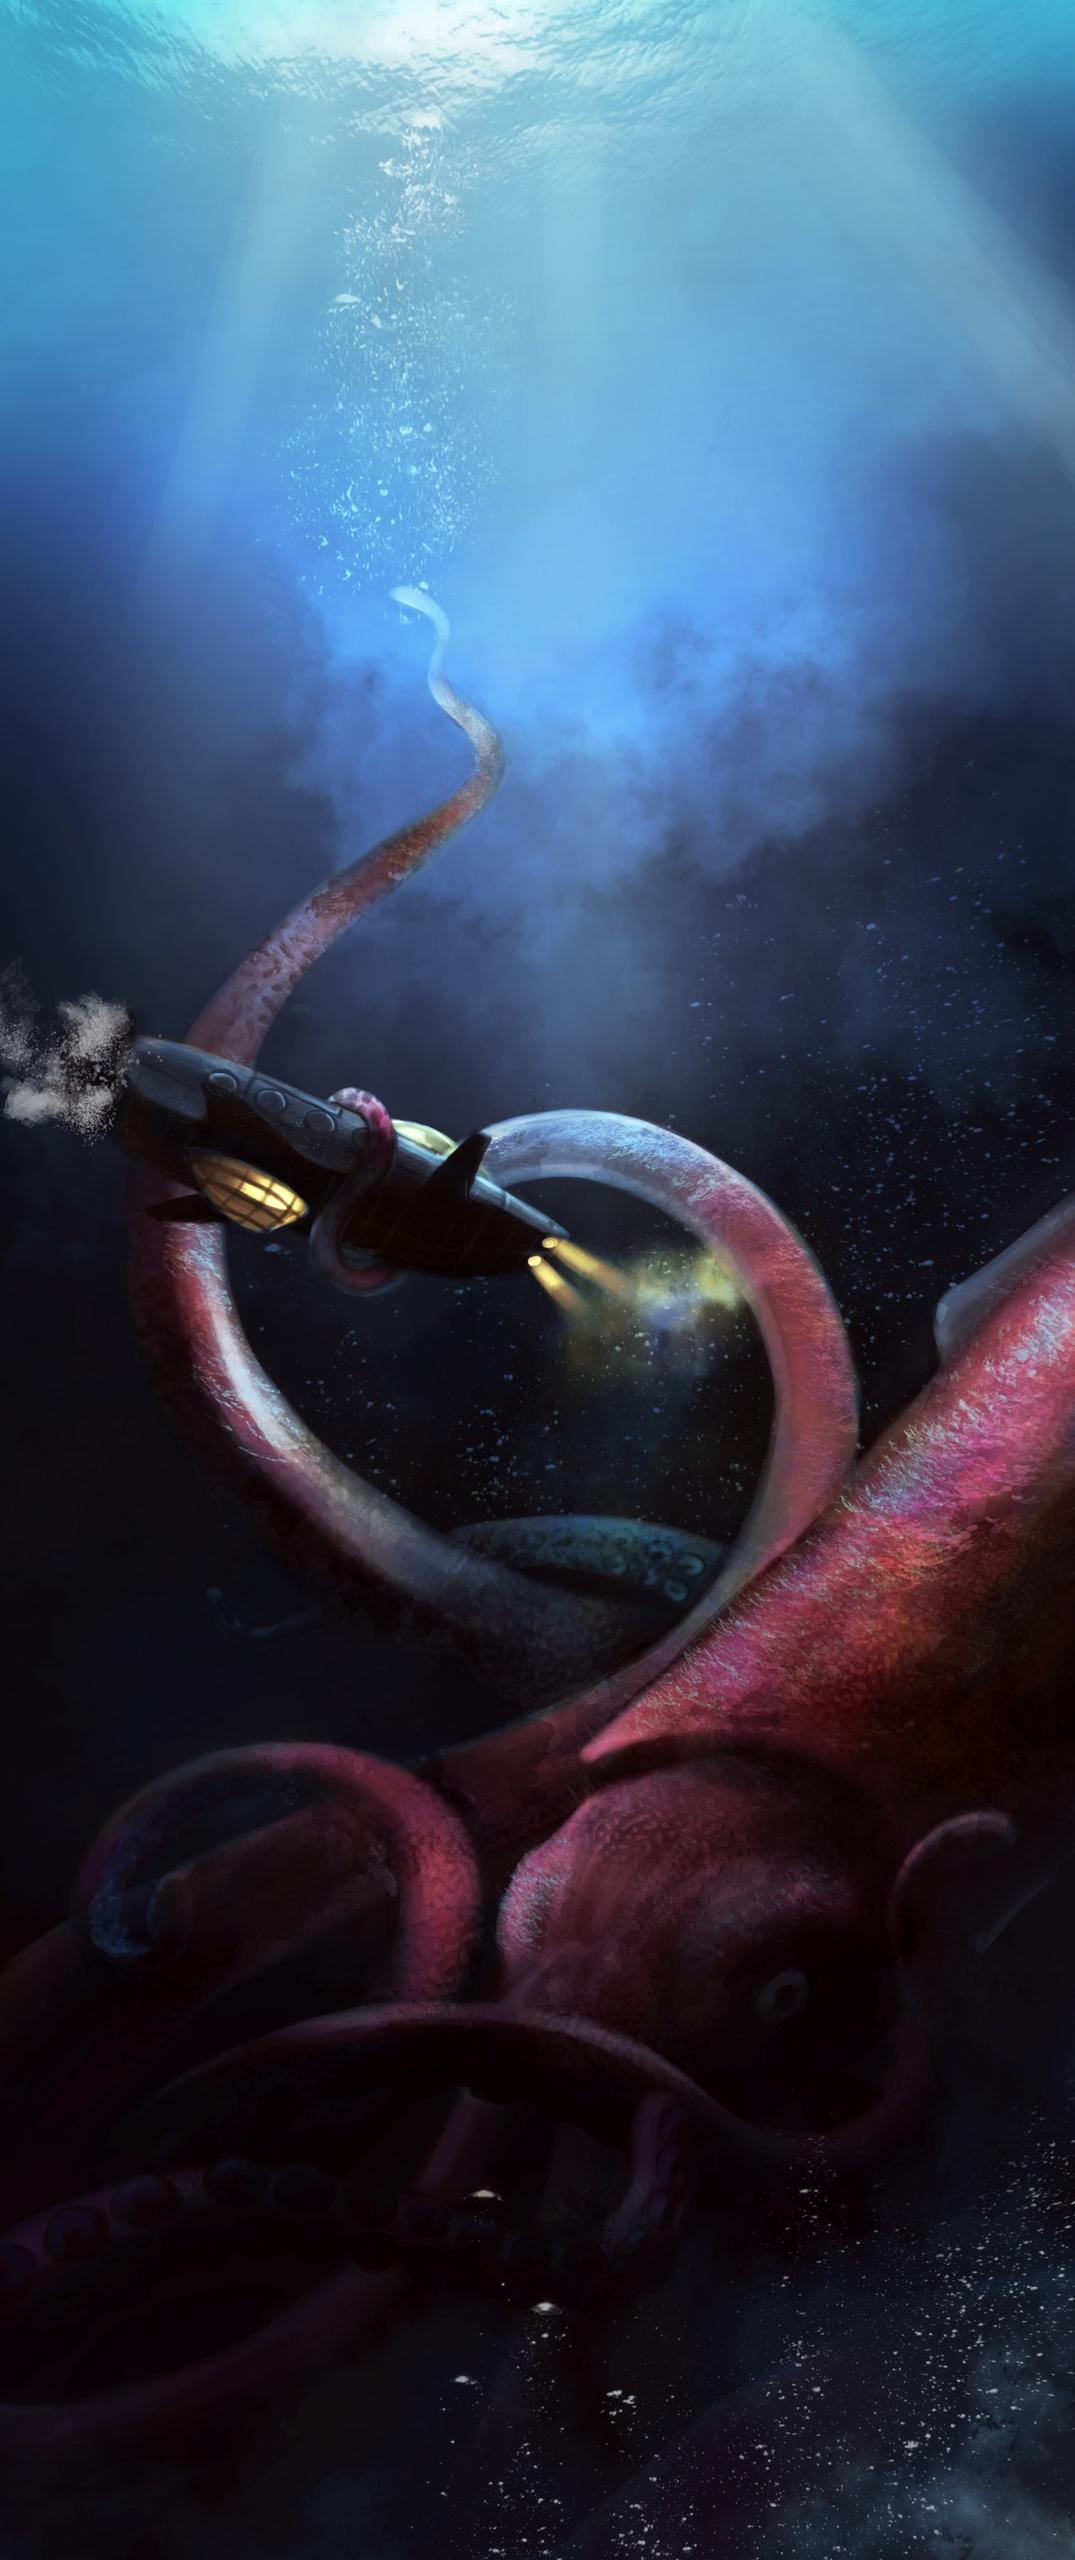 Nautilus giant calmar - illustration - aurorenivet | ello